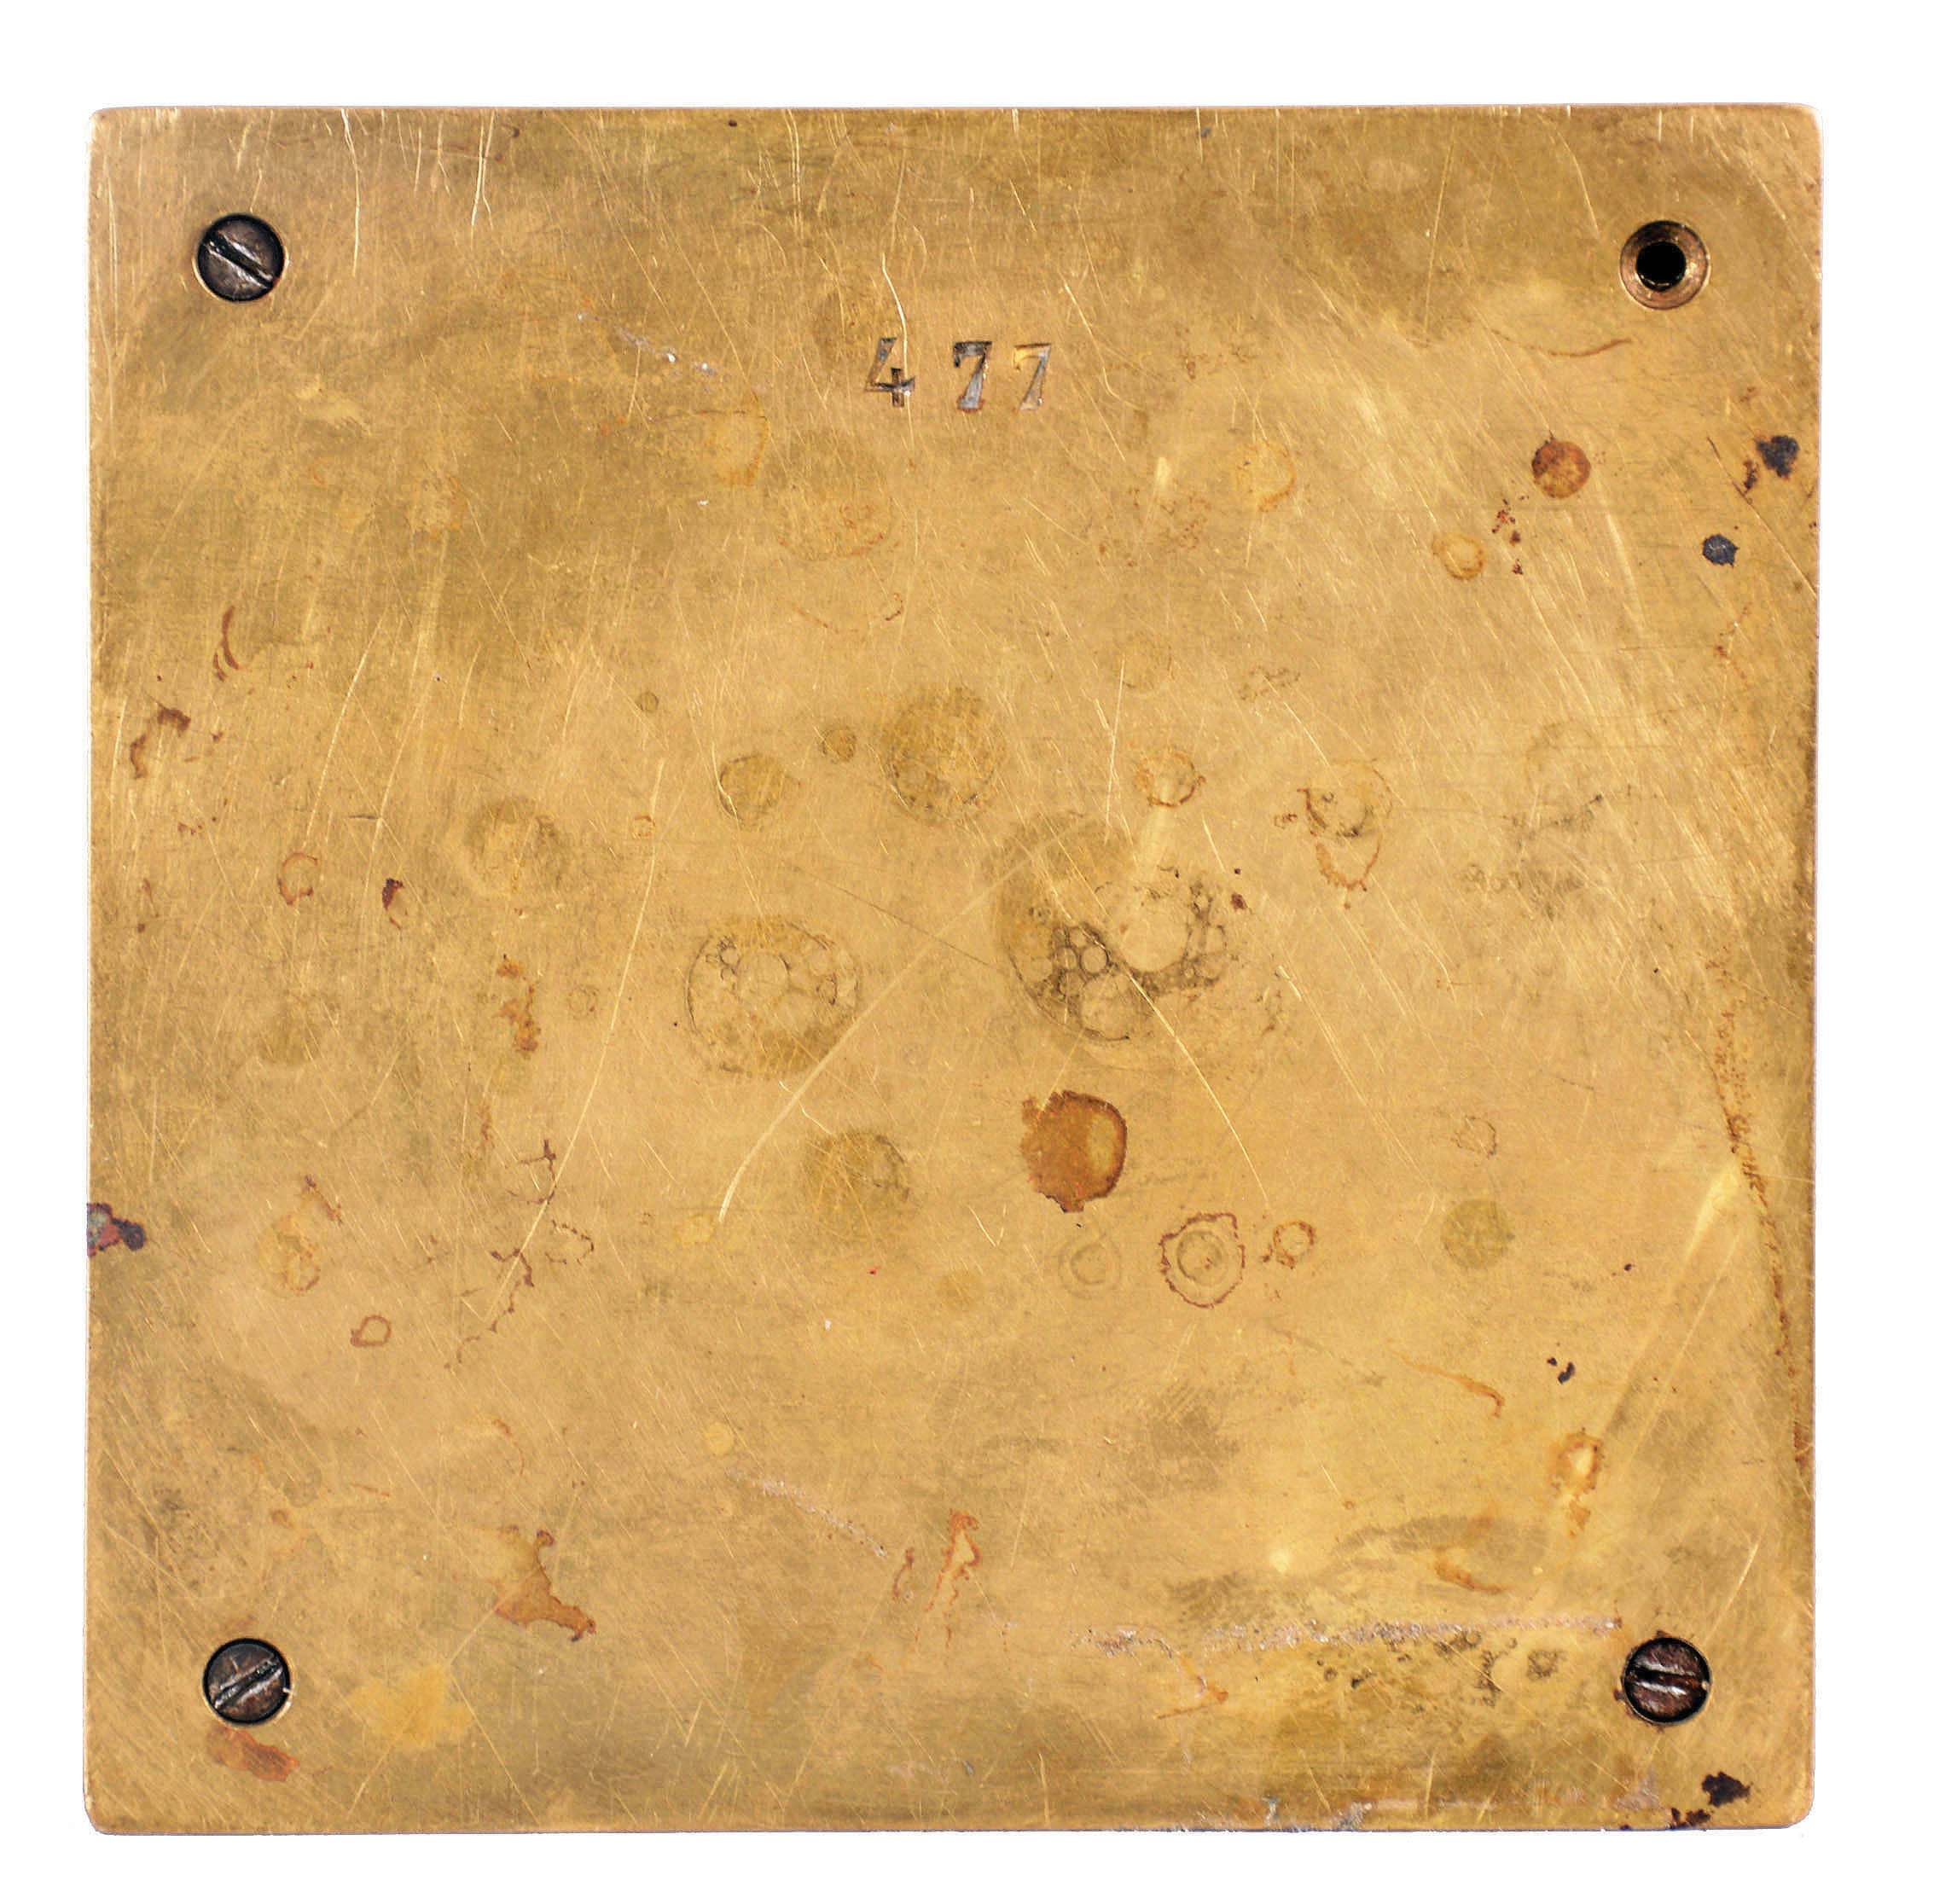 17819_03.jpg